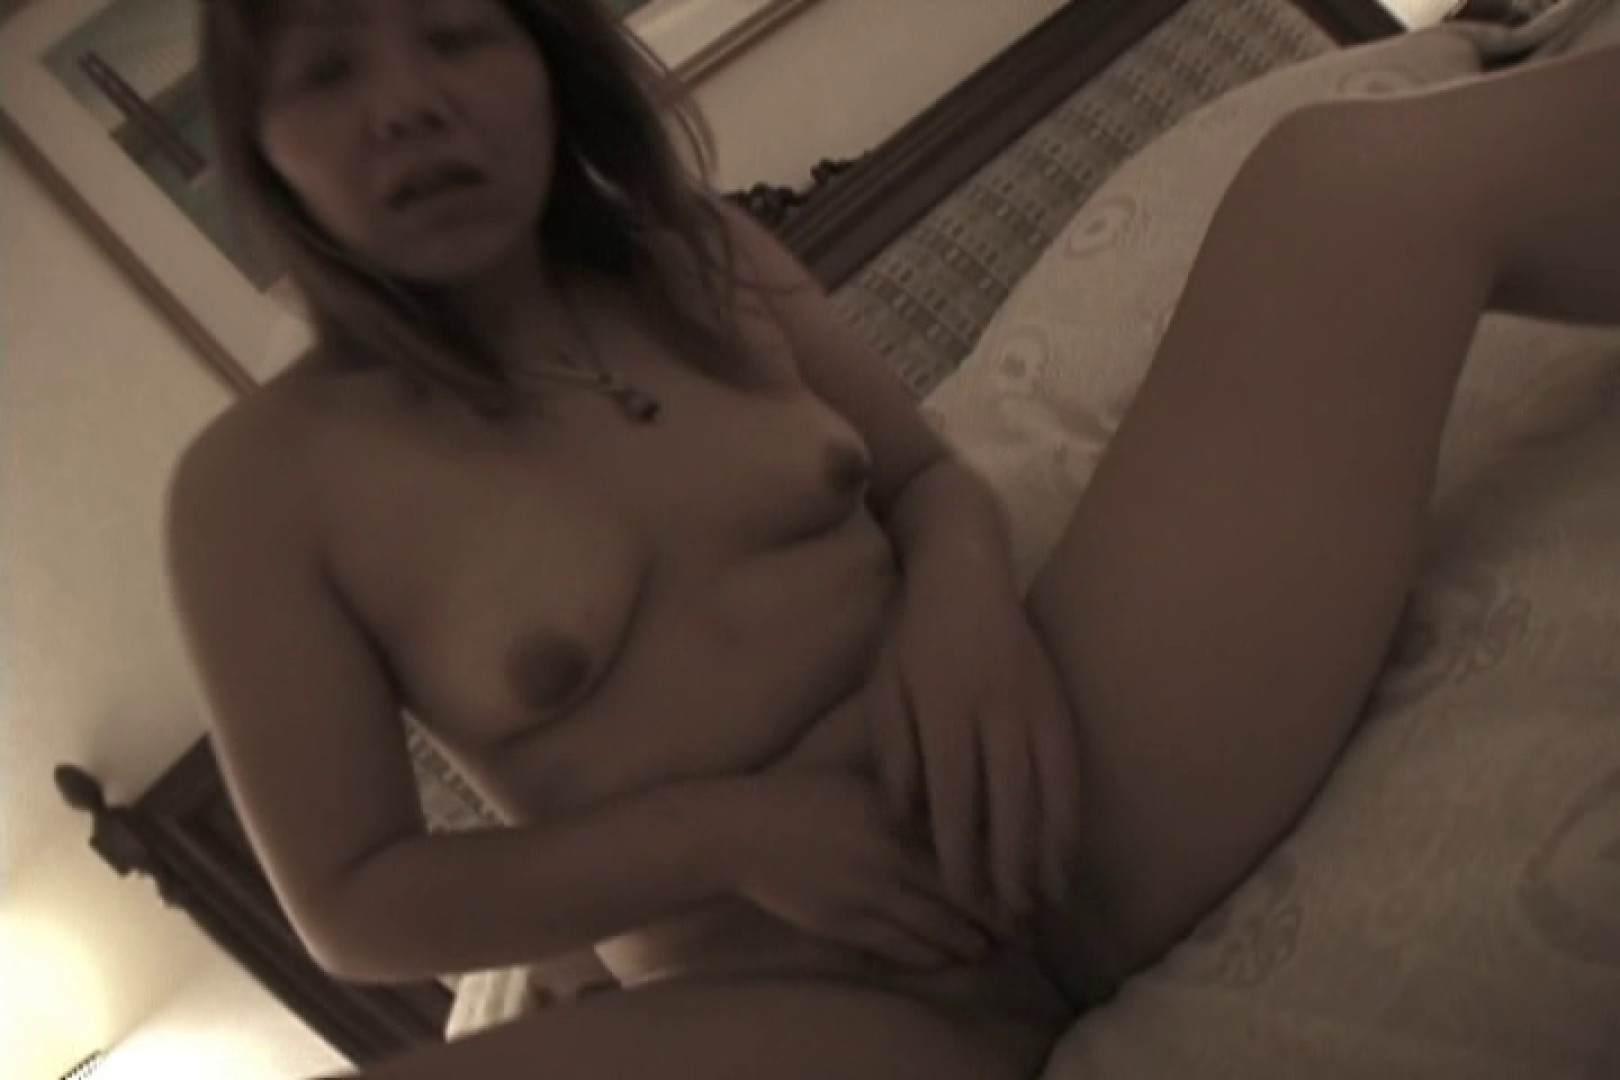 ツンデレ素人嬢もチンポには弱い~増田あけみ~ 素人 性交動画流出 75連発 54